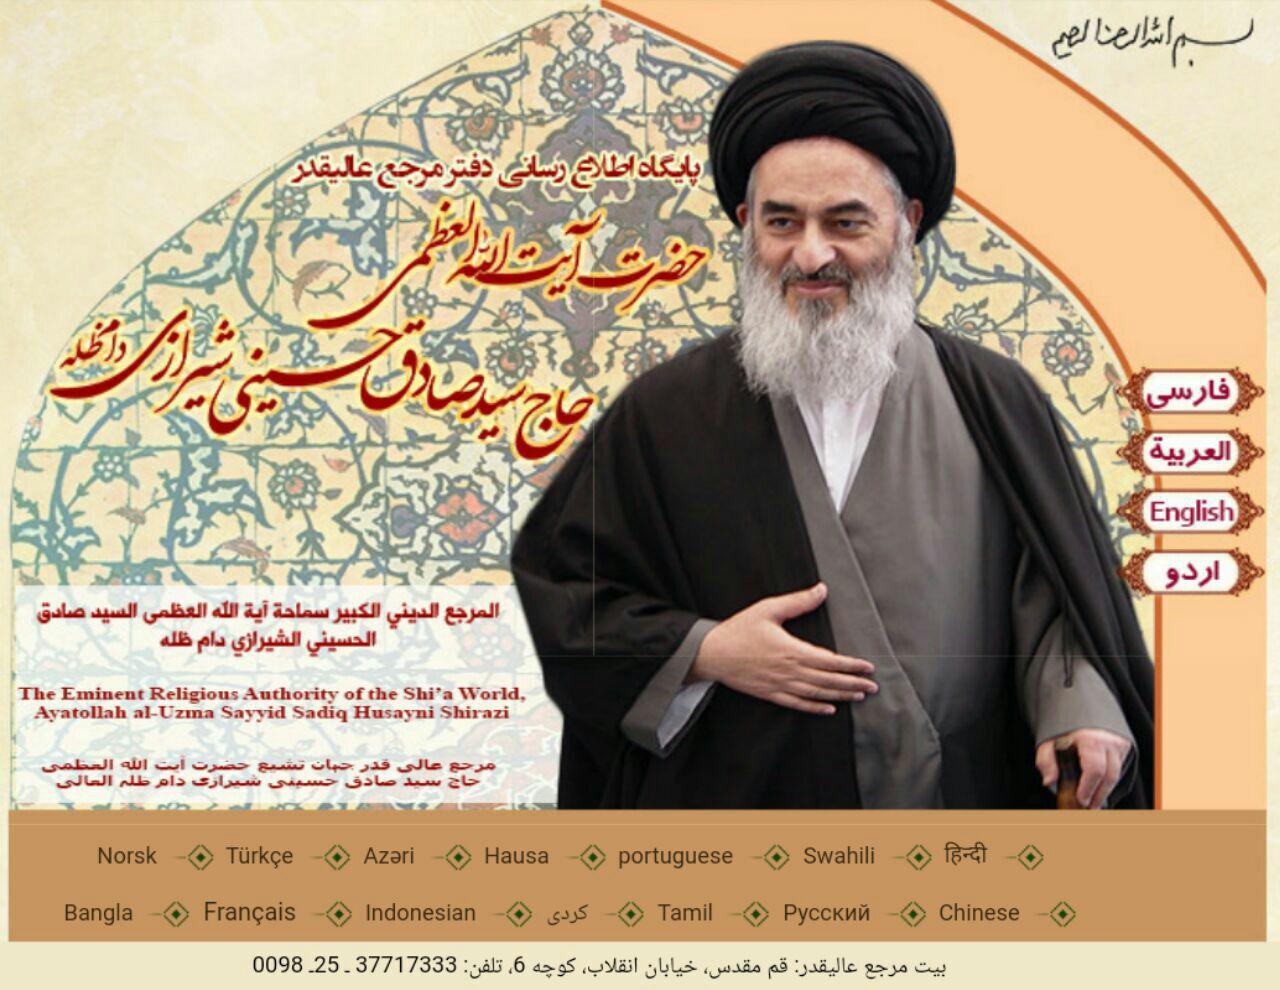 تصویر به روز رسانی بخش رهنمودها و گلواژه های پایگاه اطلاع رسانی دفتر مرجعیت در موضوع ماه مبارک رمضان